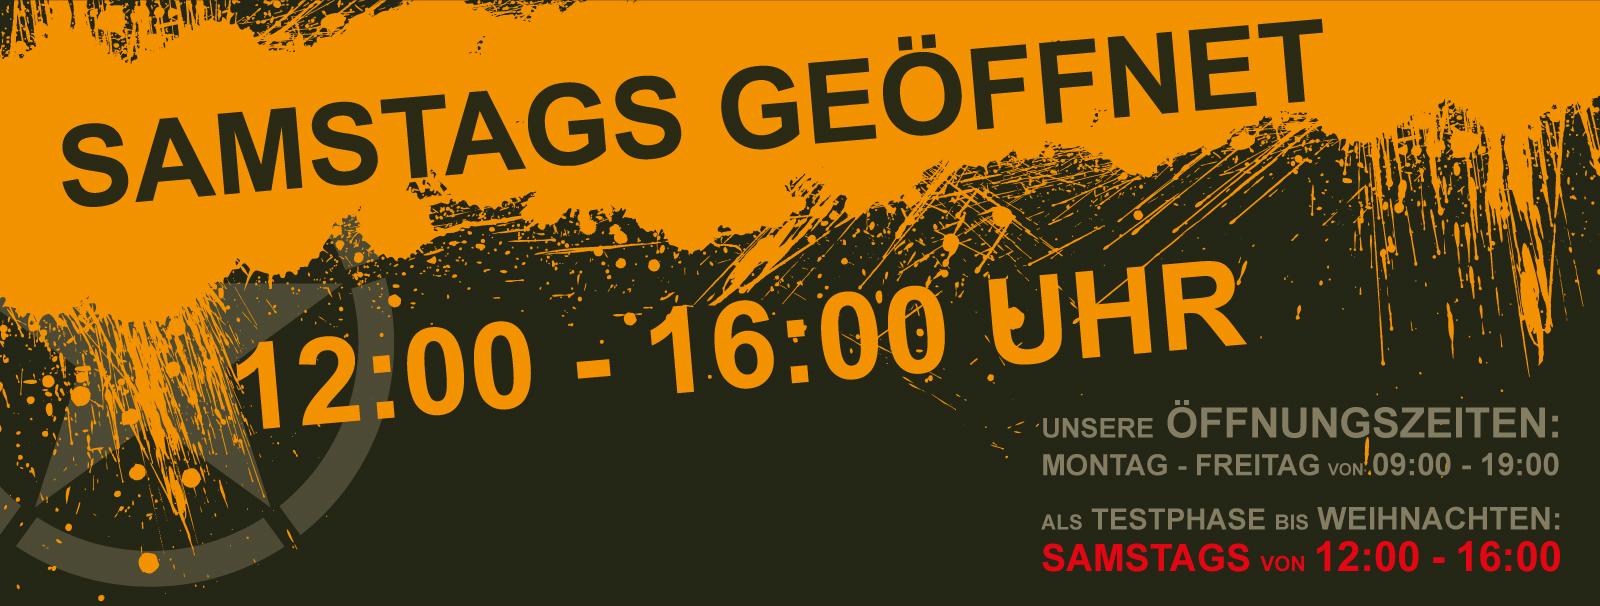 Nato-Webbanner_Samstag-geoeffnet_1600er-Breite